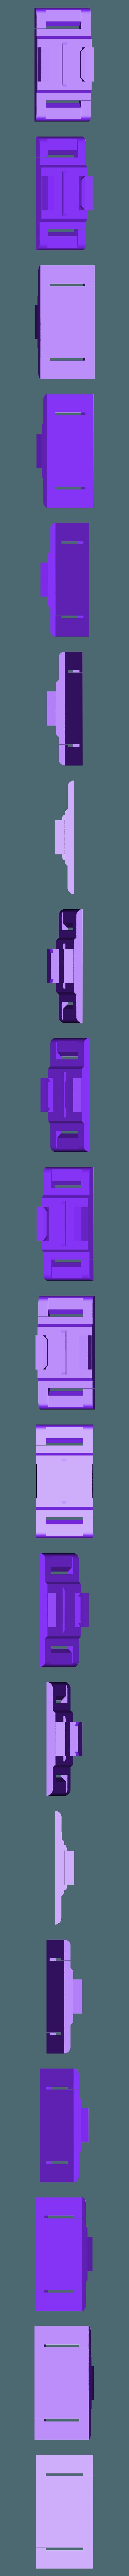 GoPro_Strap_Mount_-_Slotted_-_Snap.stl Télécharger fichier STL gratuit Monture GoPro Taut Strap • Plan pour imprimante 3D, LilMikey